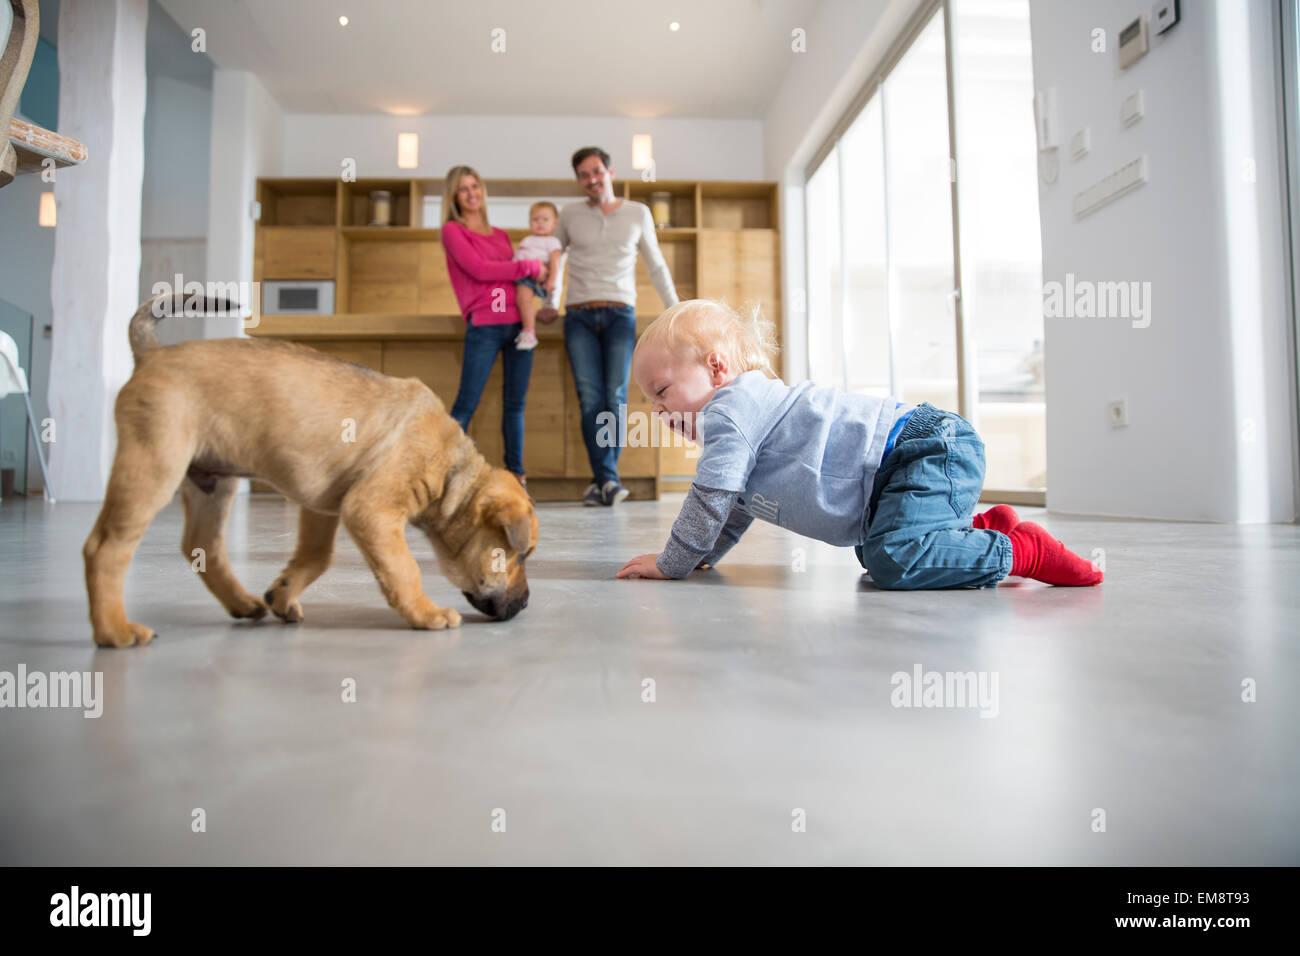 Bimbi maschio giocando con il cucciolo sulla sala da pranzo piano Immagini Stock